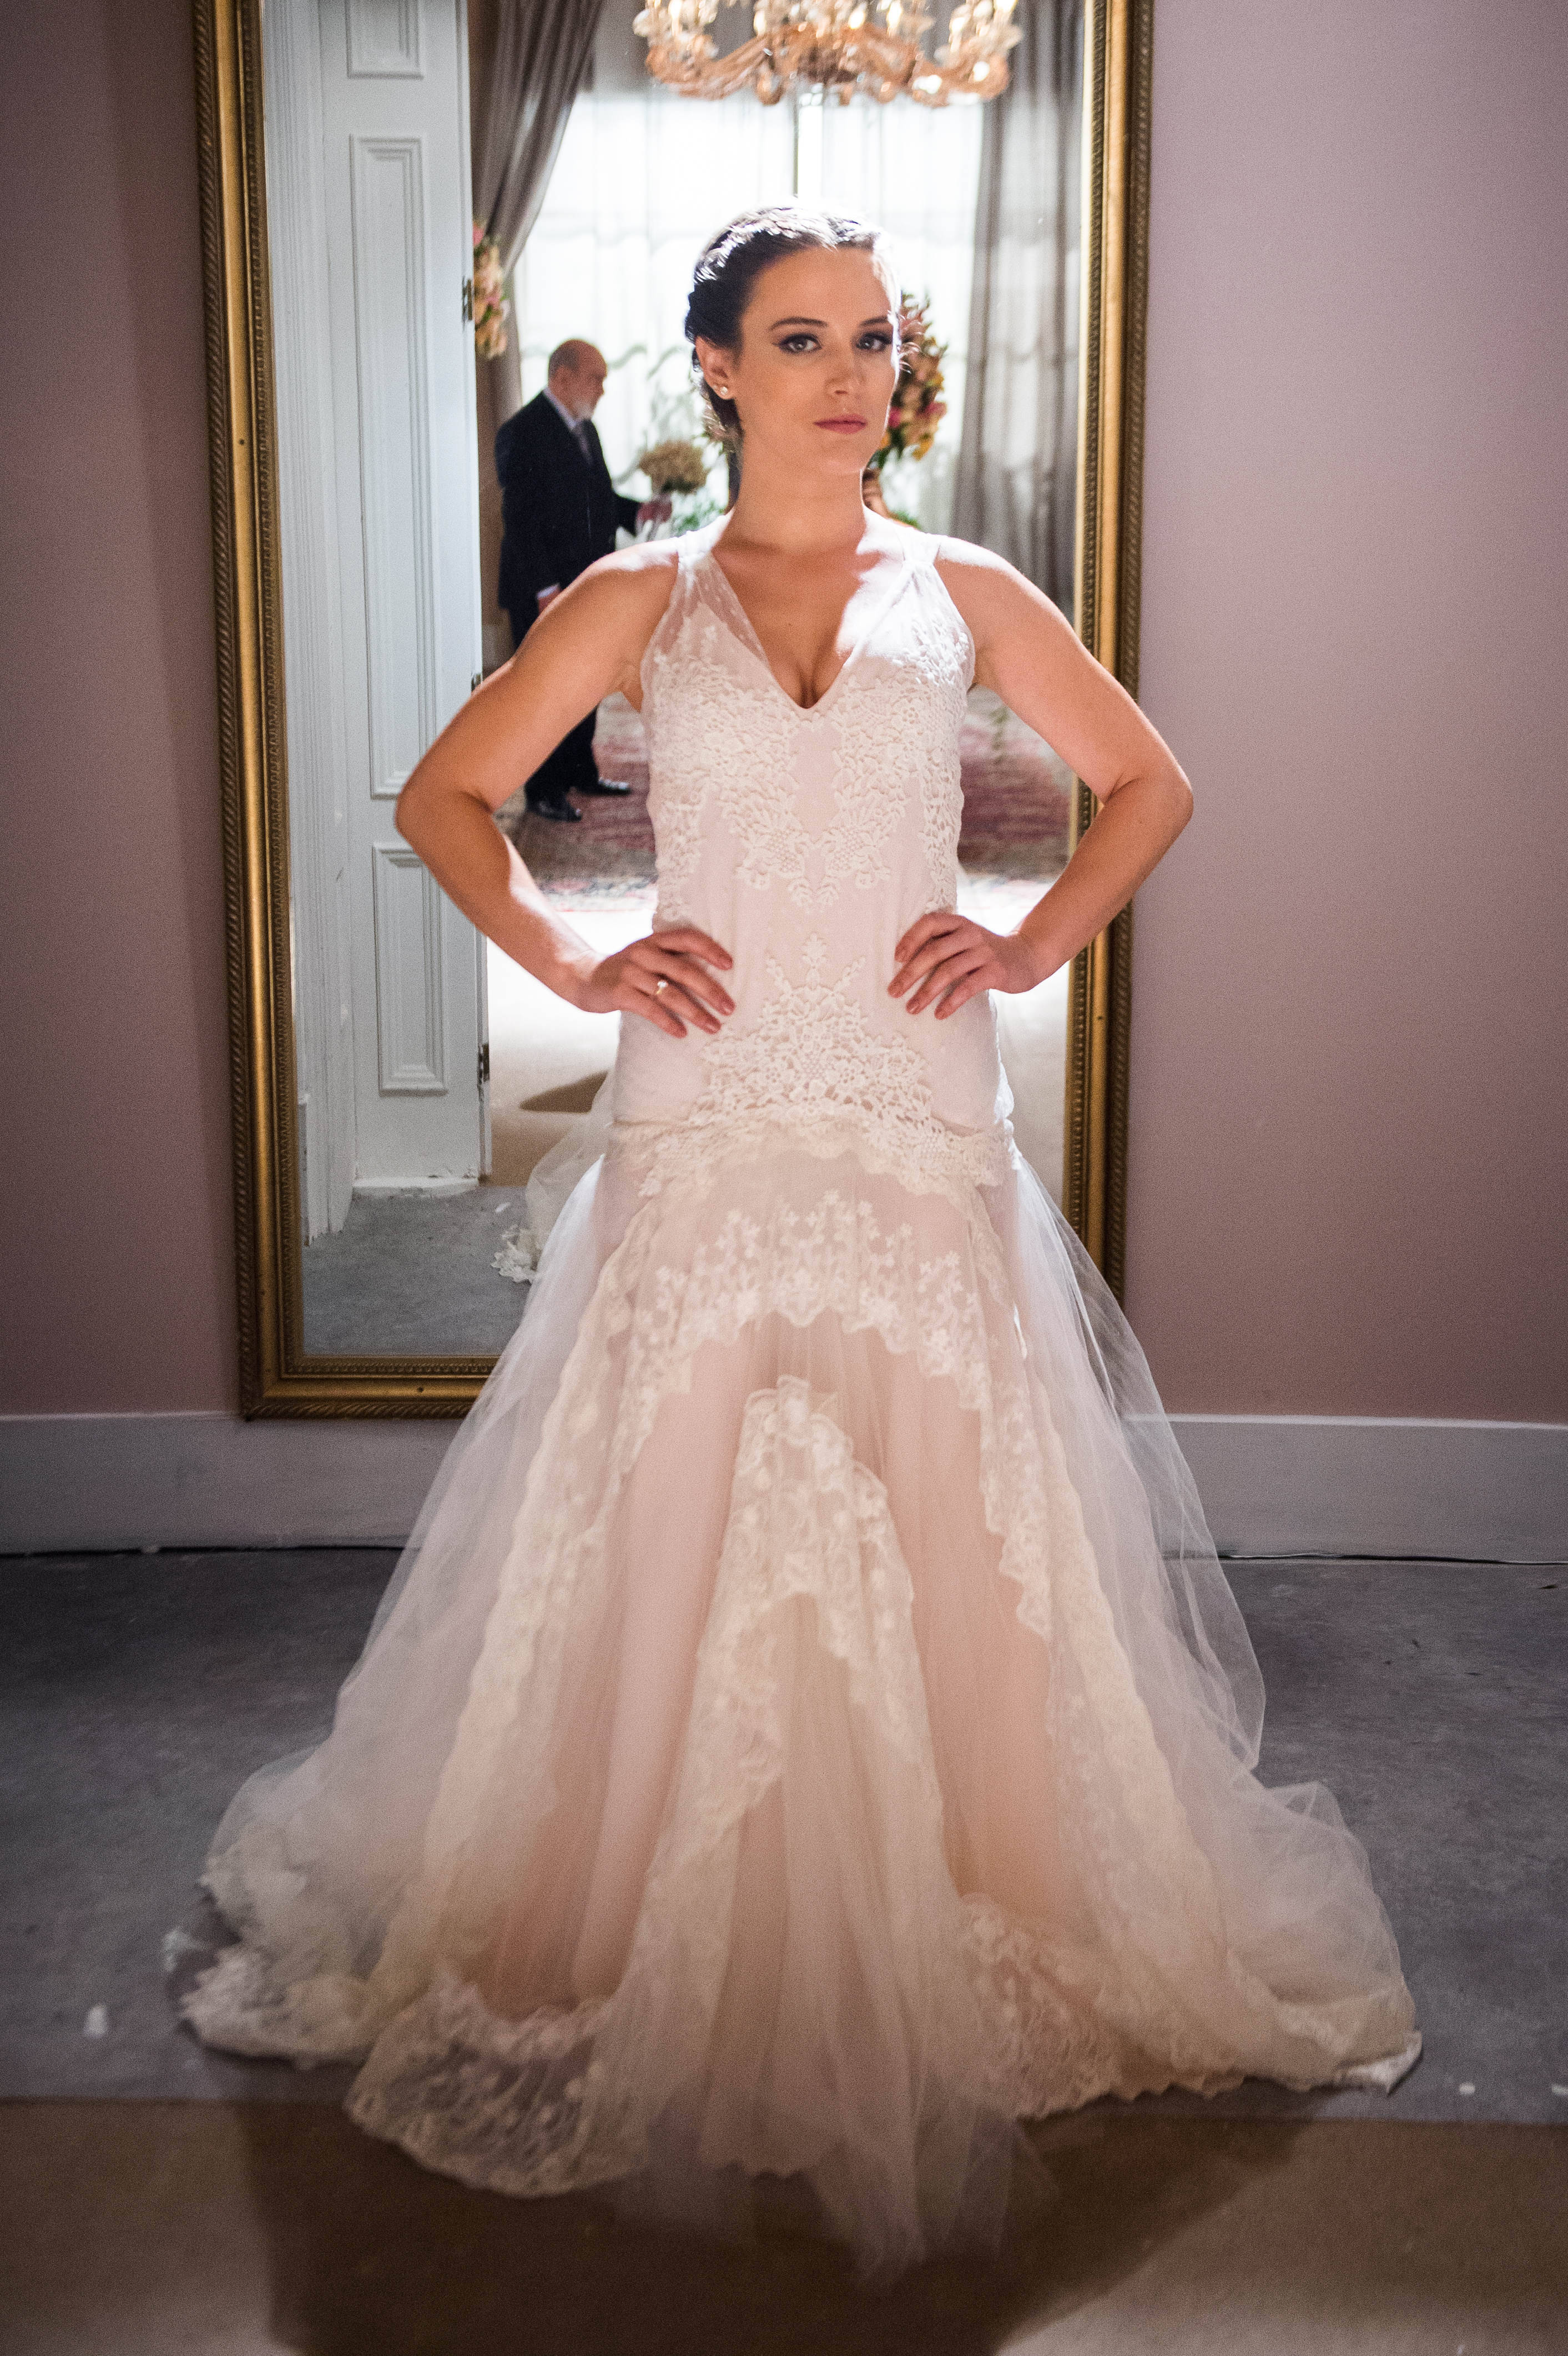 Clara (Bianca Bin) escolhe o vestido de noiva para o casamento com Renato (Rafael Cardoso). Foto: Divulgação/TV Globo